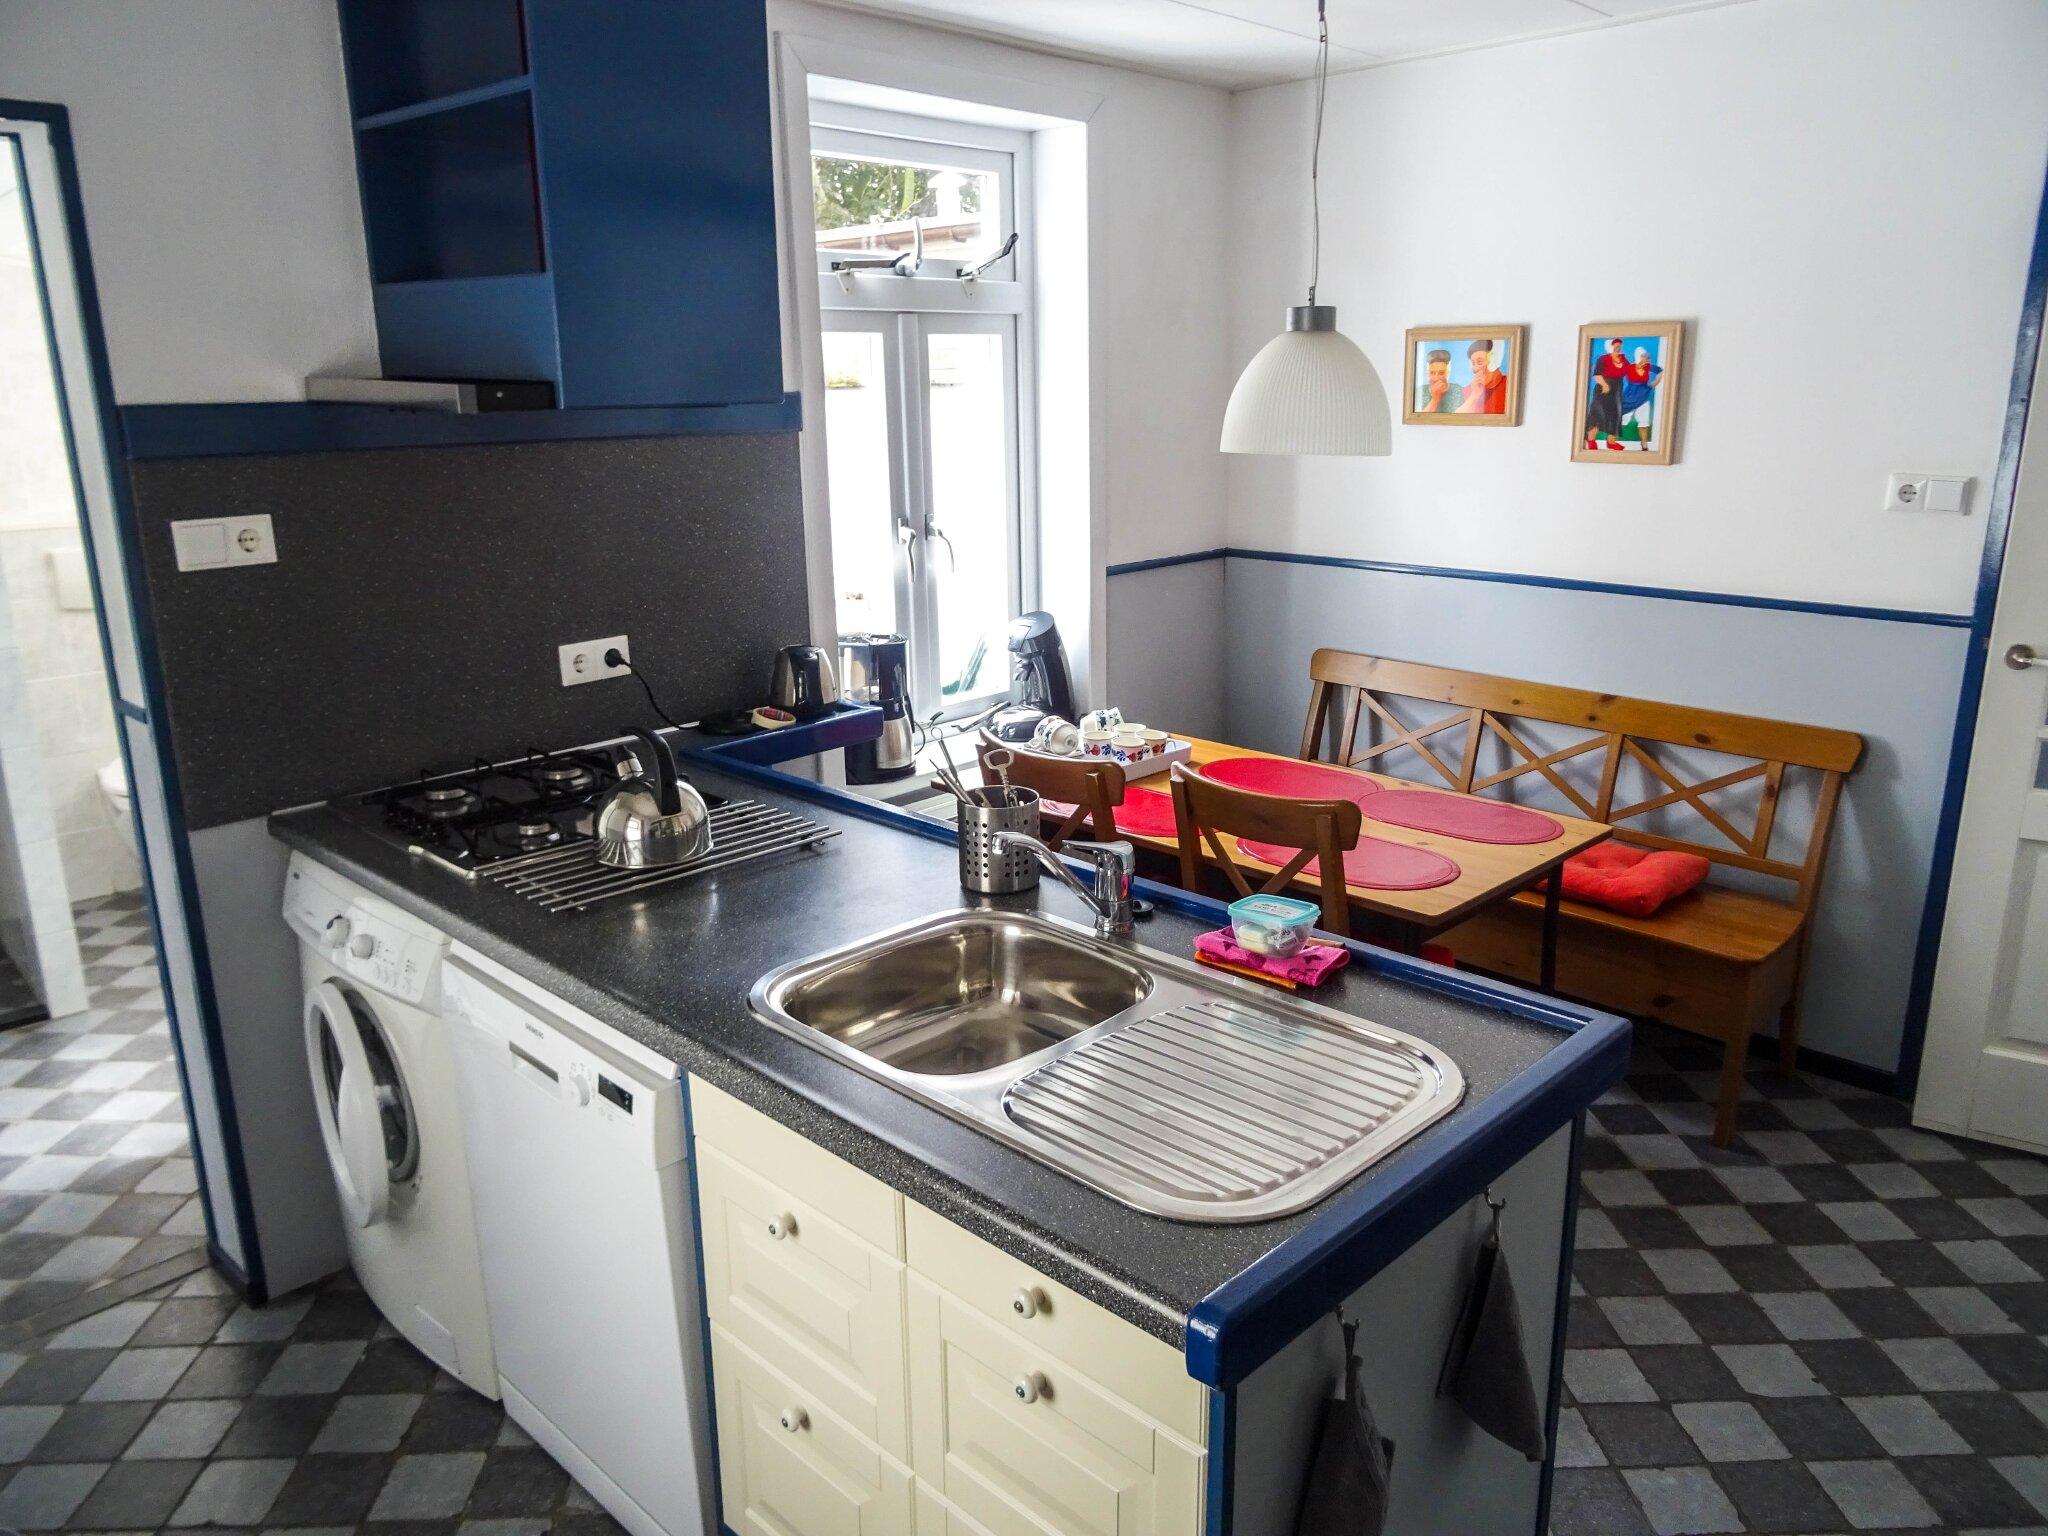 Küche ... aller Komfort ist vorhanden